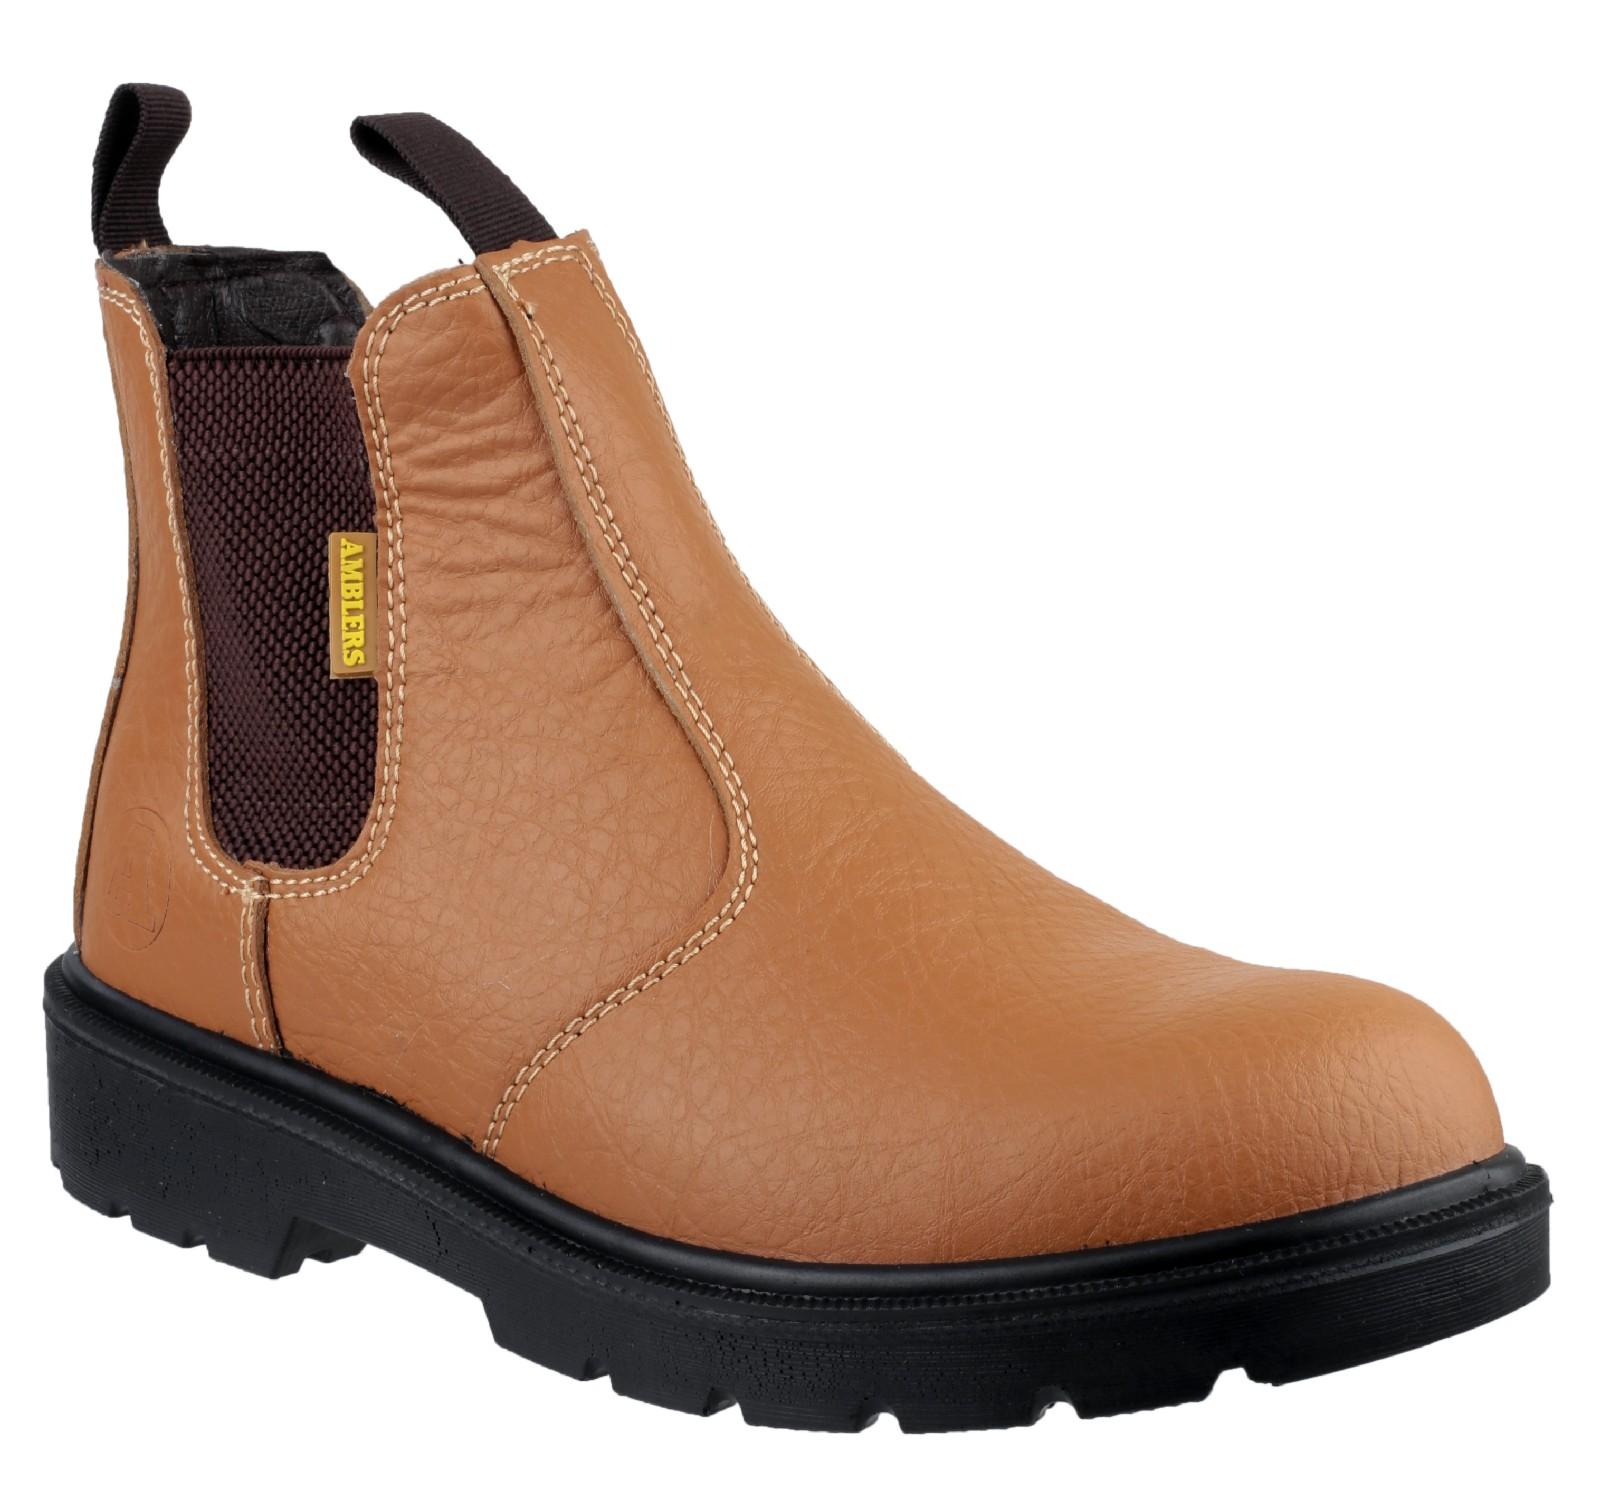 Amblers Steel Slip-On Lined Safety Footwear - Tan - Size 15 Ubicaciones de puntos de descuento Venta auténtica Envío gratuito 2018 Venta Popular NkAWr8